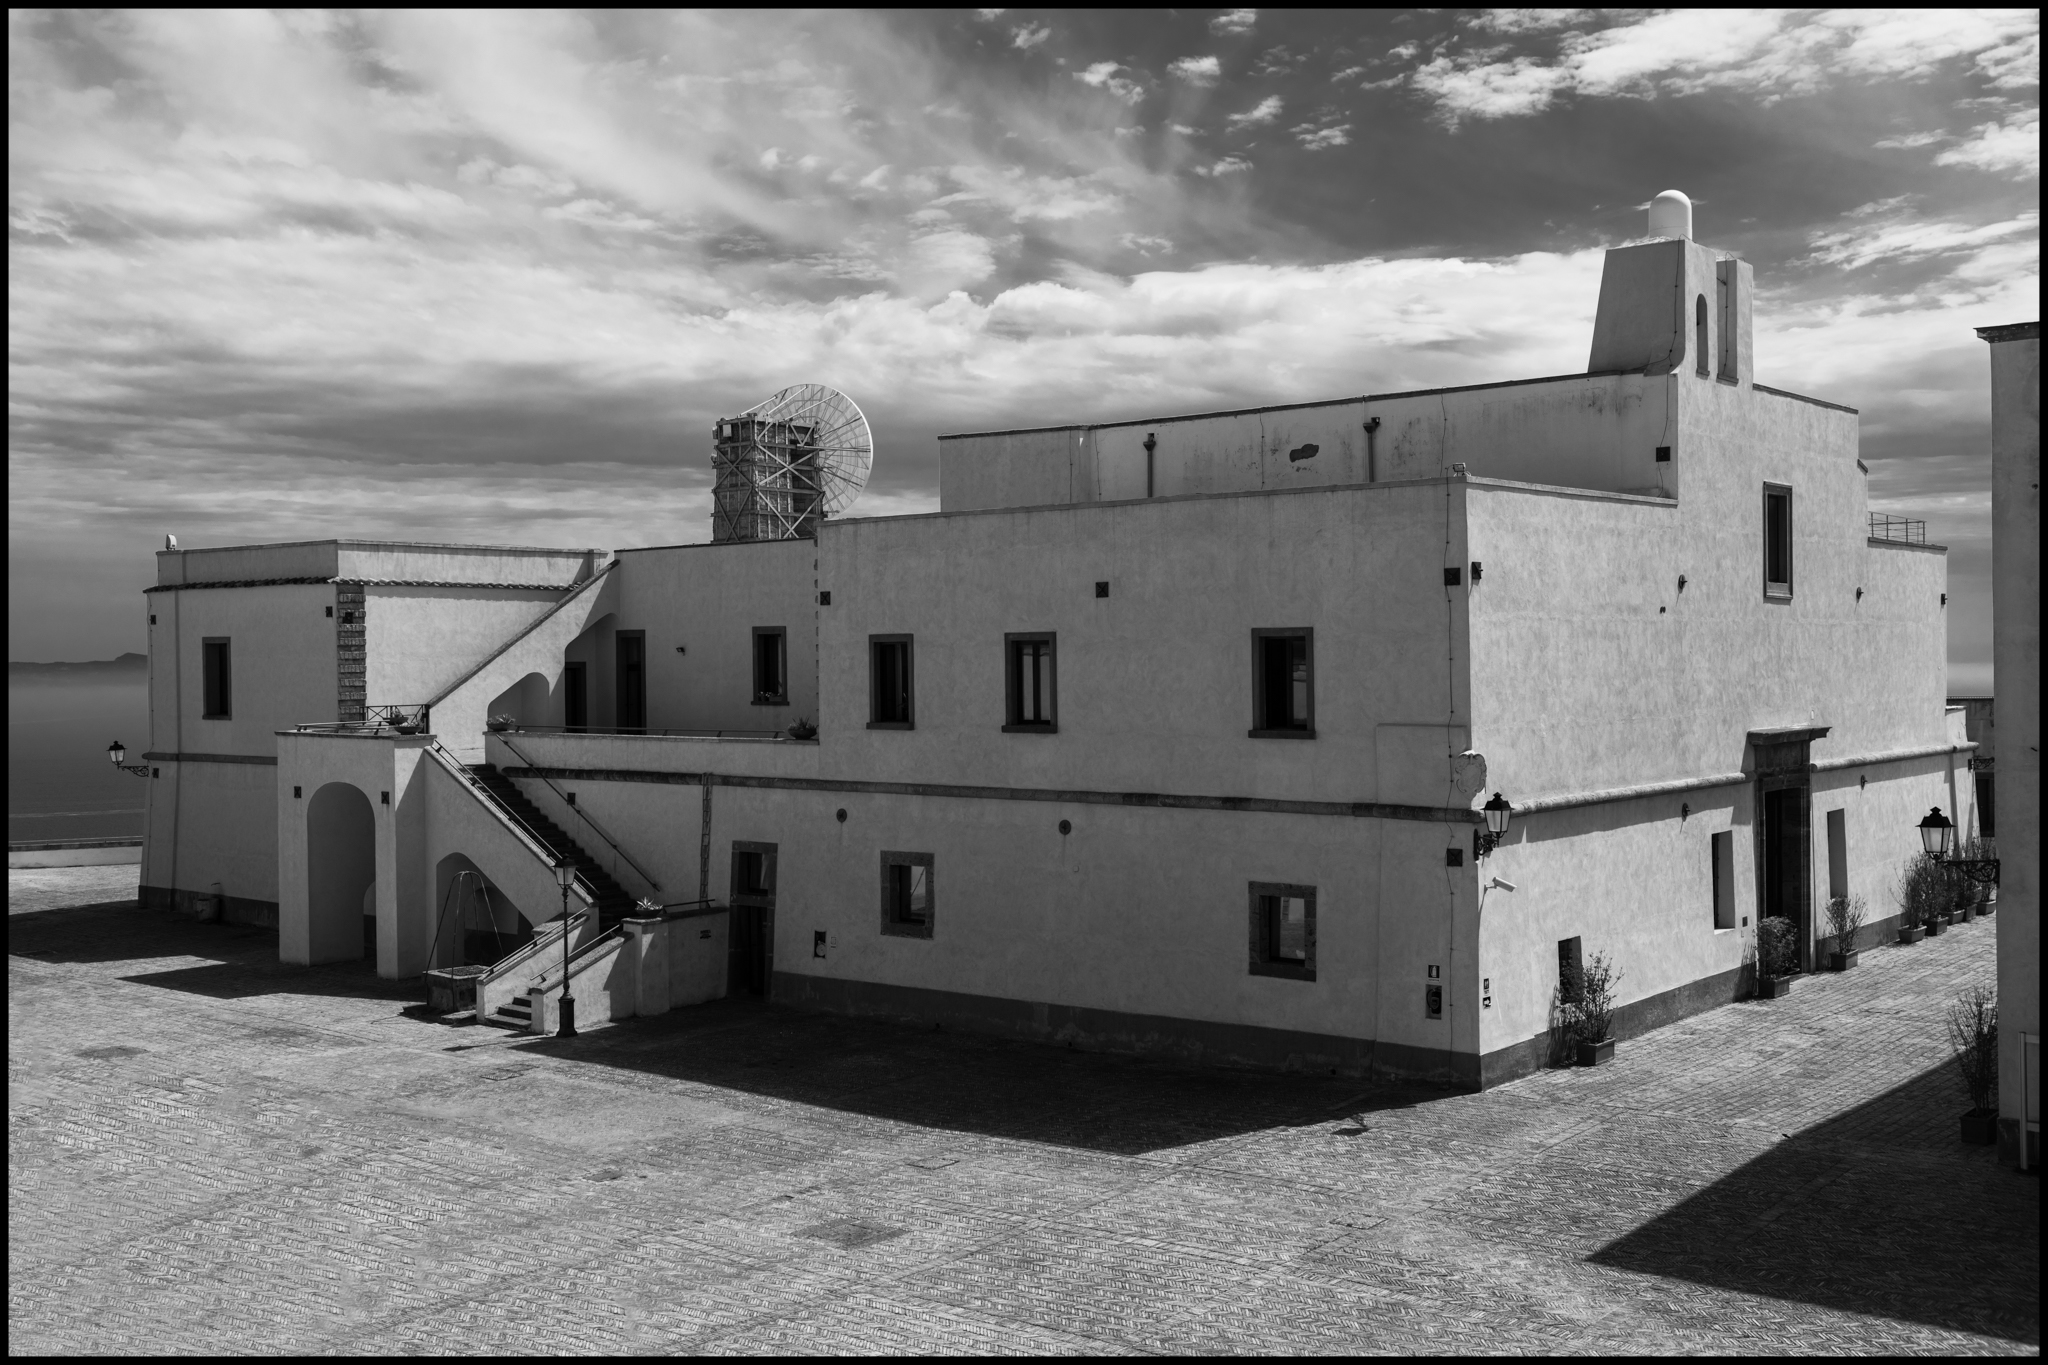 10 Jun 2019 - Fort, Naples IT